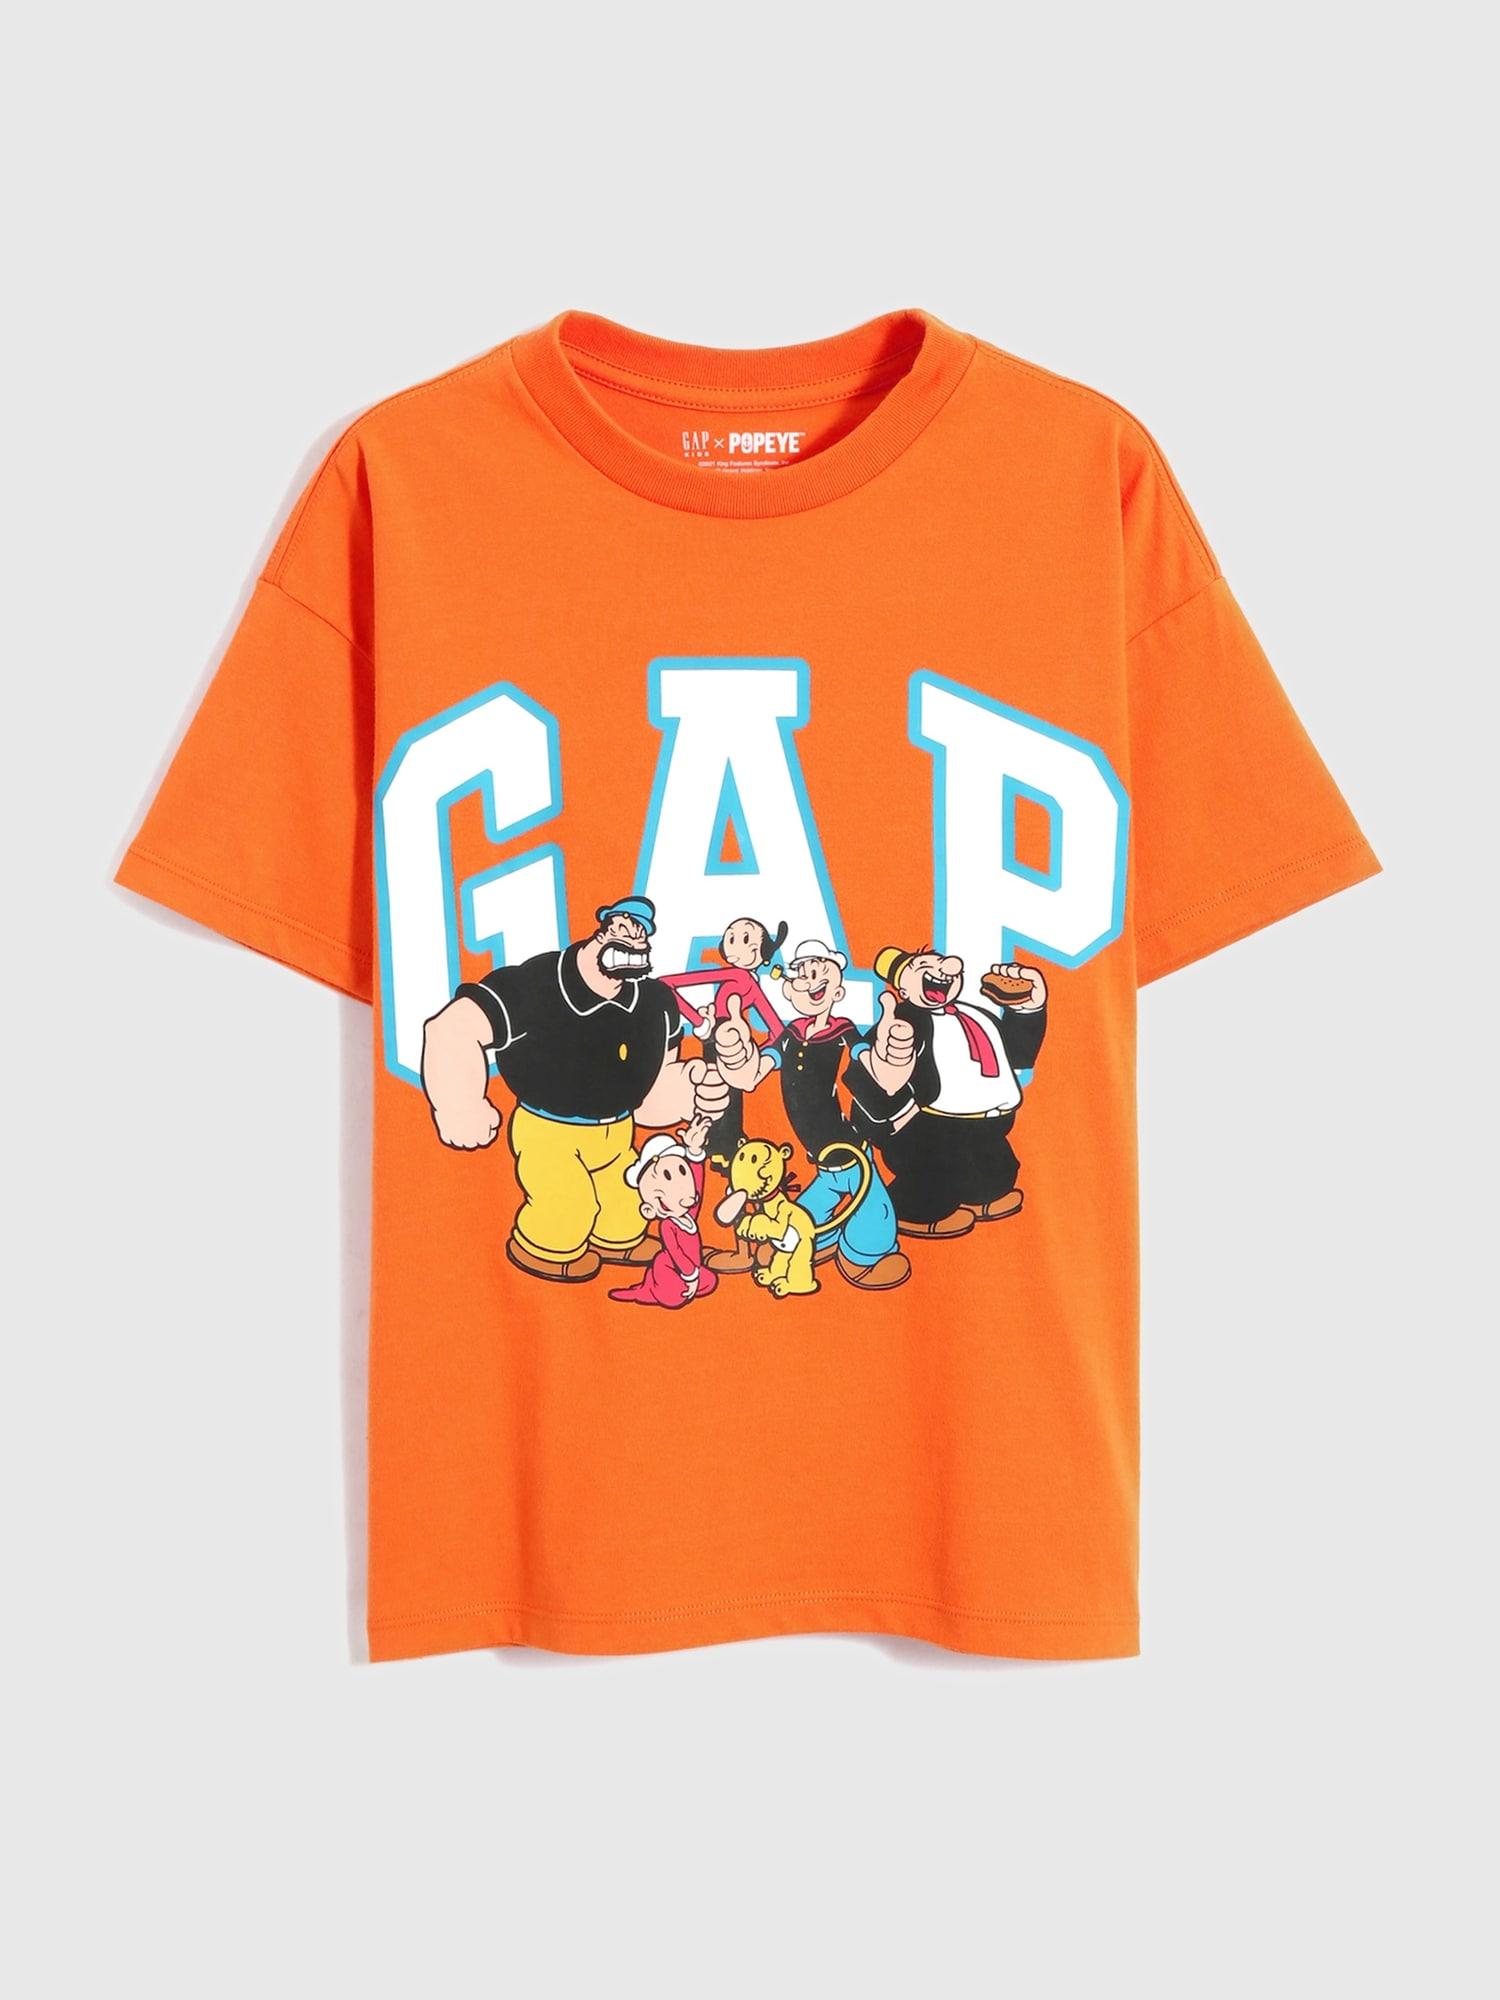 ポパイ™ グラフィックtシャツ (キッズ・ユニセックス)